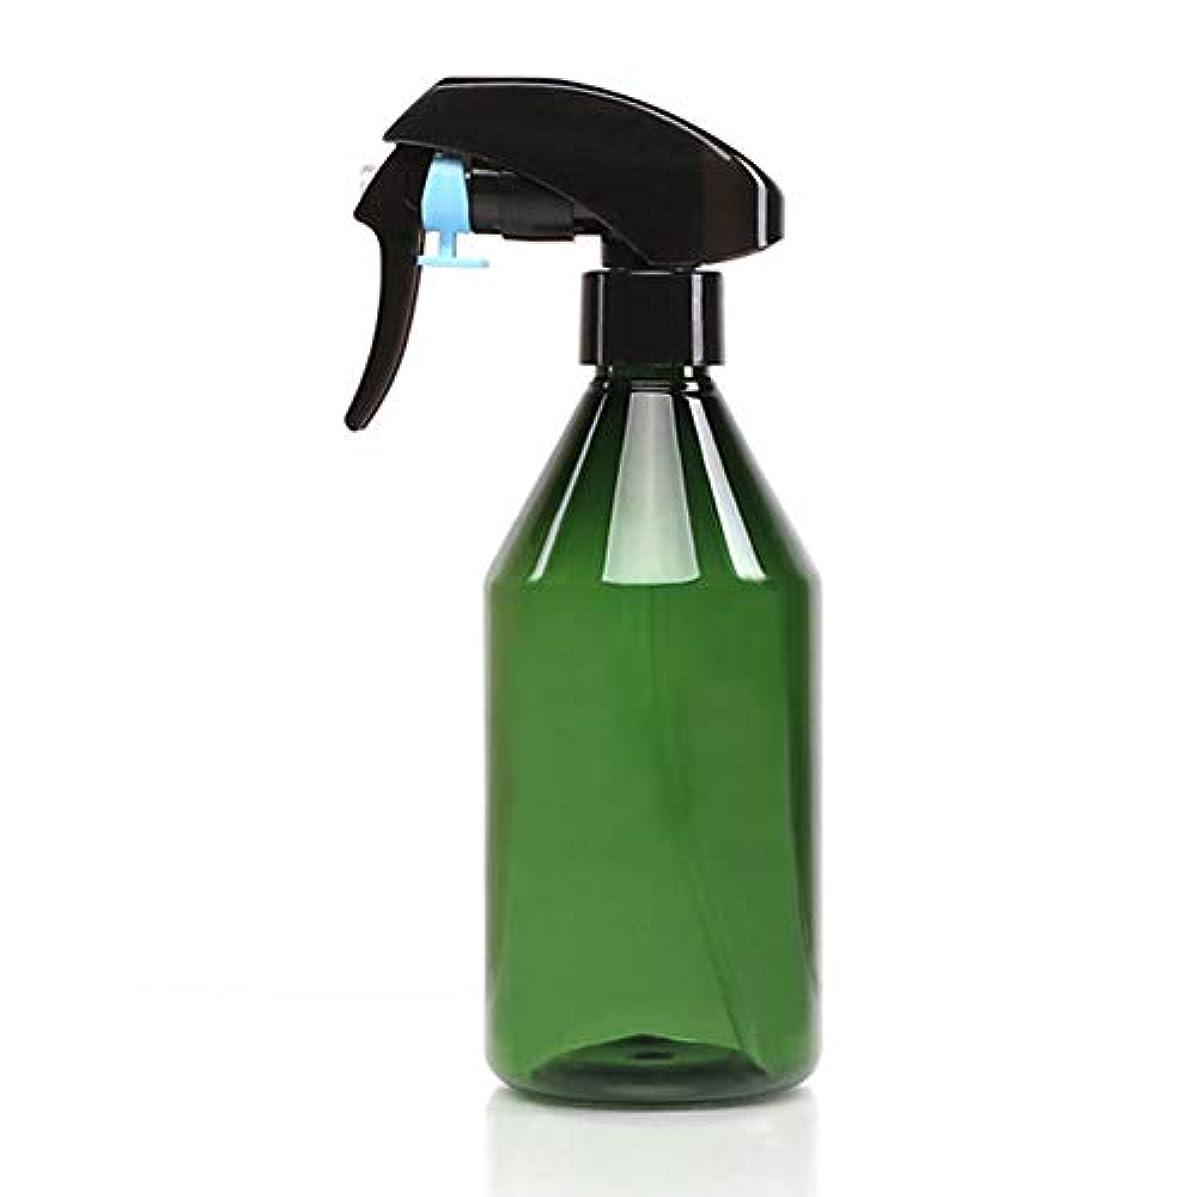 スピーカー動かす置くためにパック超微細なスプレーボトル、300ミリリットル多目的ヘアーサロン理髪店ヘアスプレーボトル家庭用美容スプレーツール,グリーン